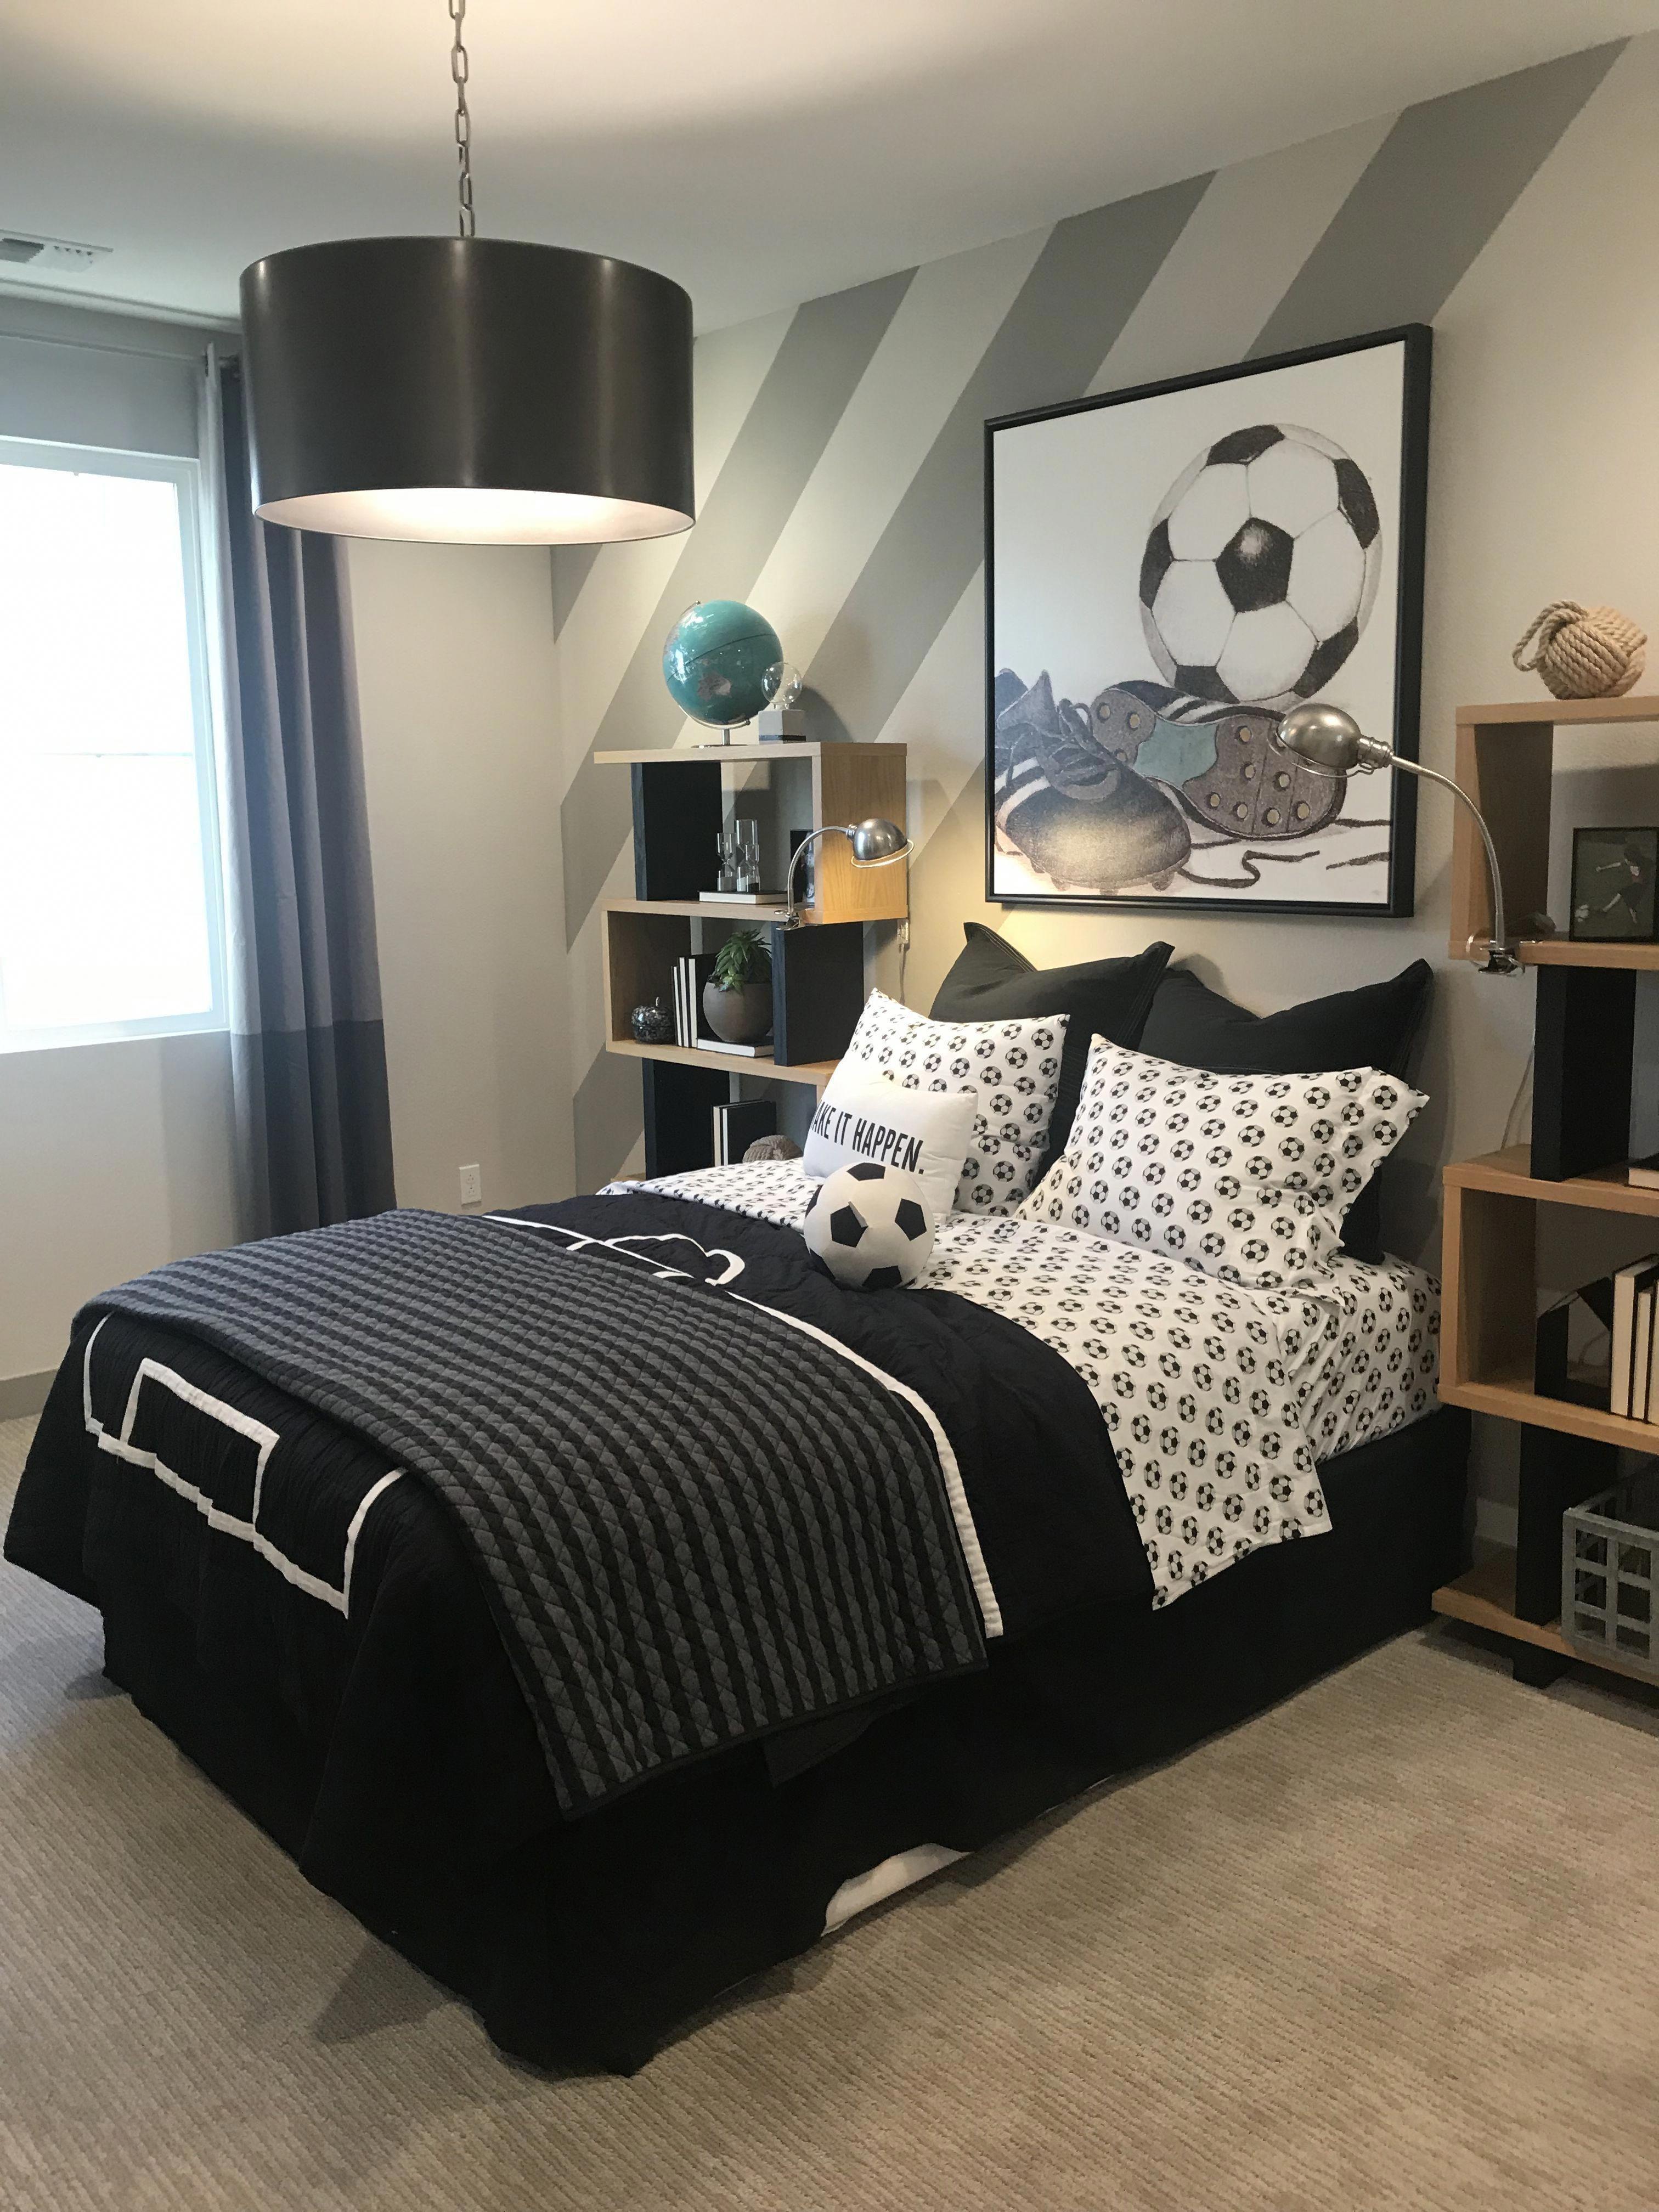 12 Marvelous Boys Bedroom Ideas That Will Inspire You #tween